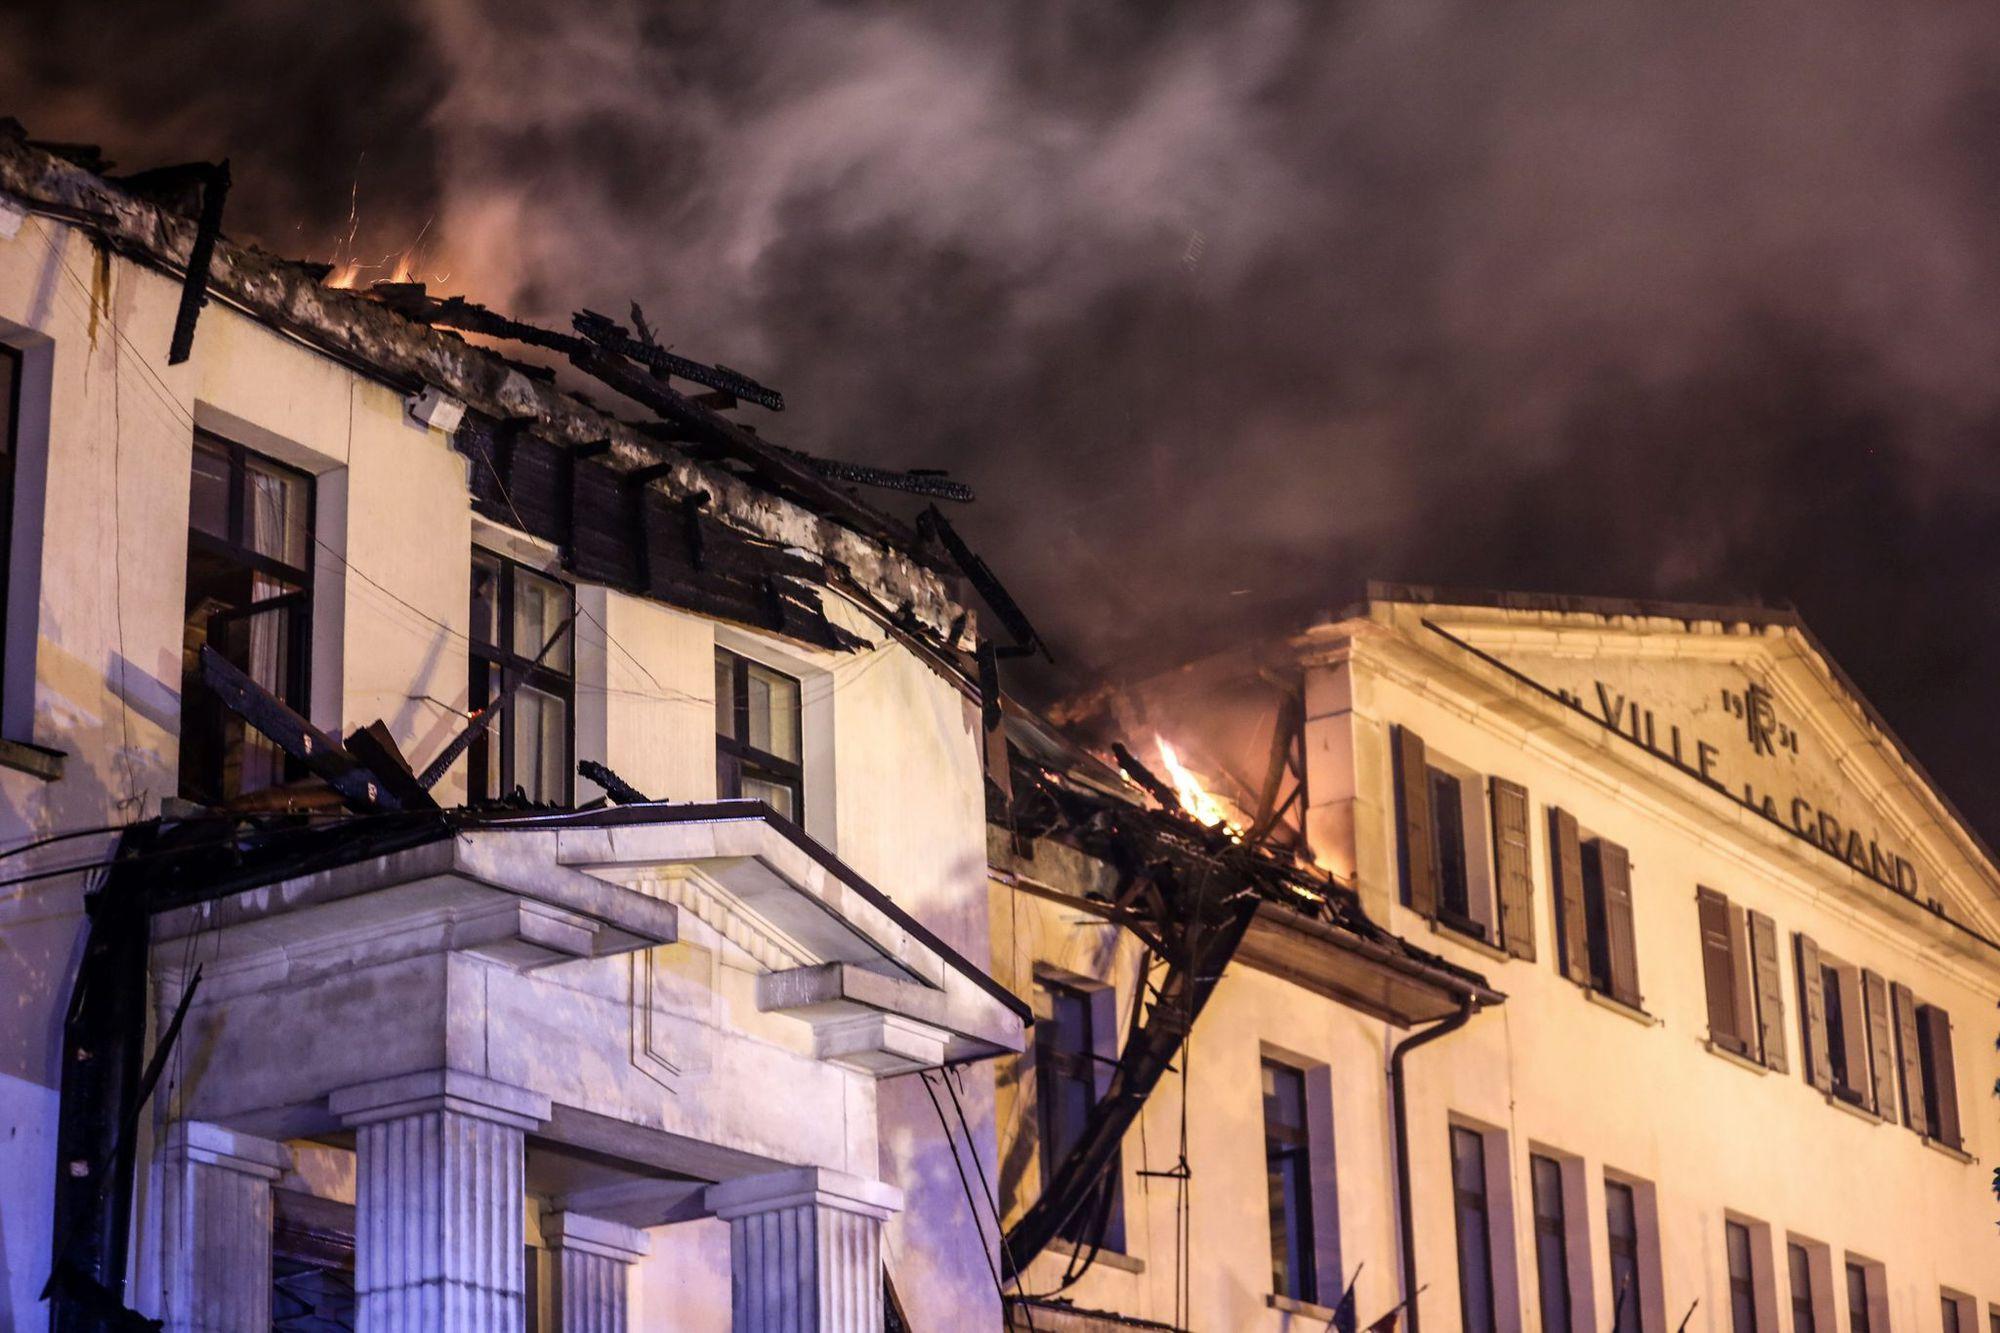 Le second étage et les combles du bâtiment ont été endommagés.